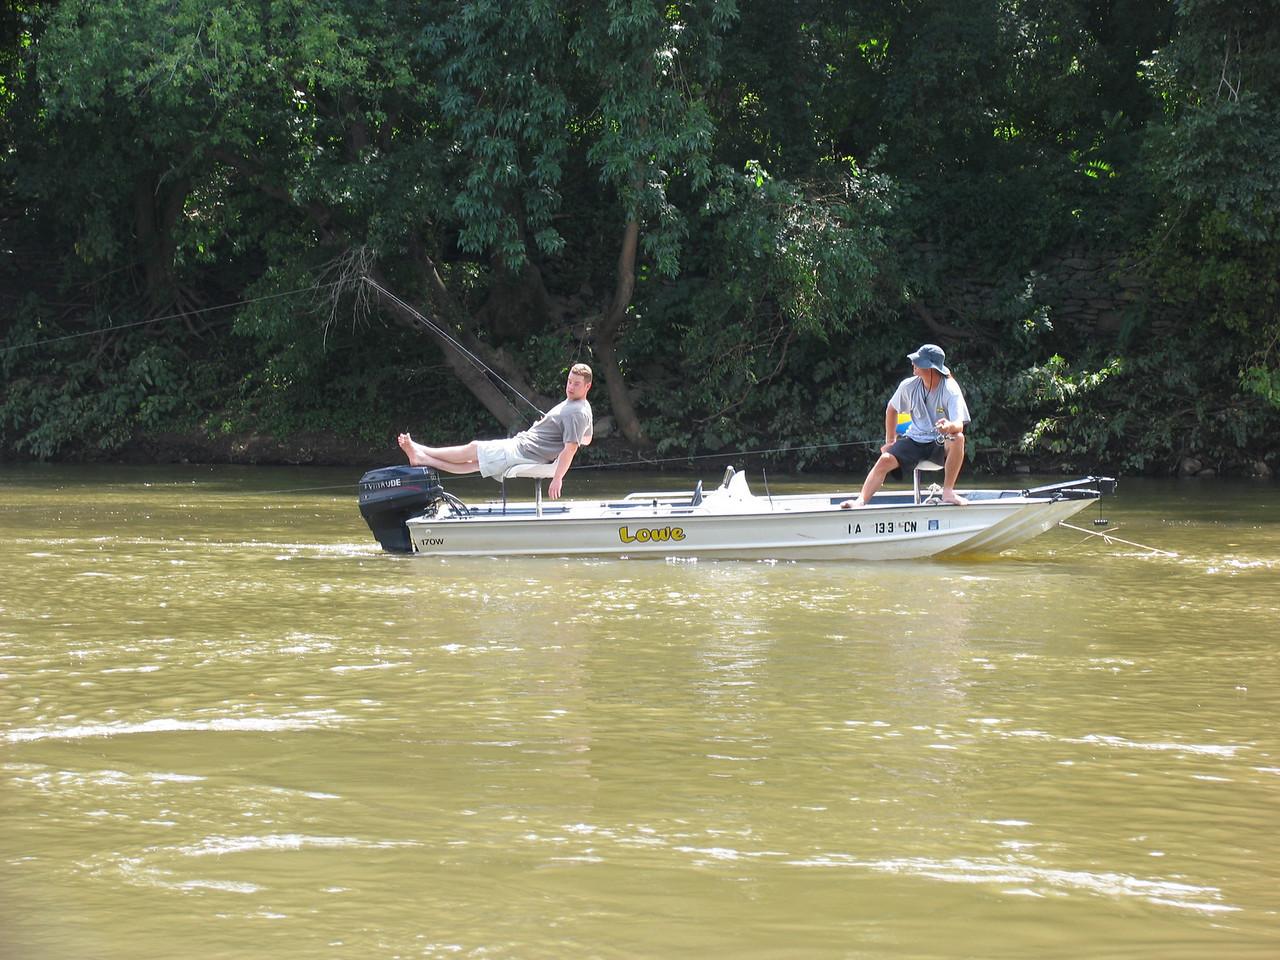 Ian Fyfe & friend on Schuylkill River - July 2004